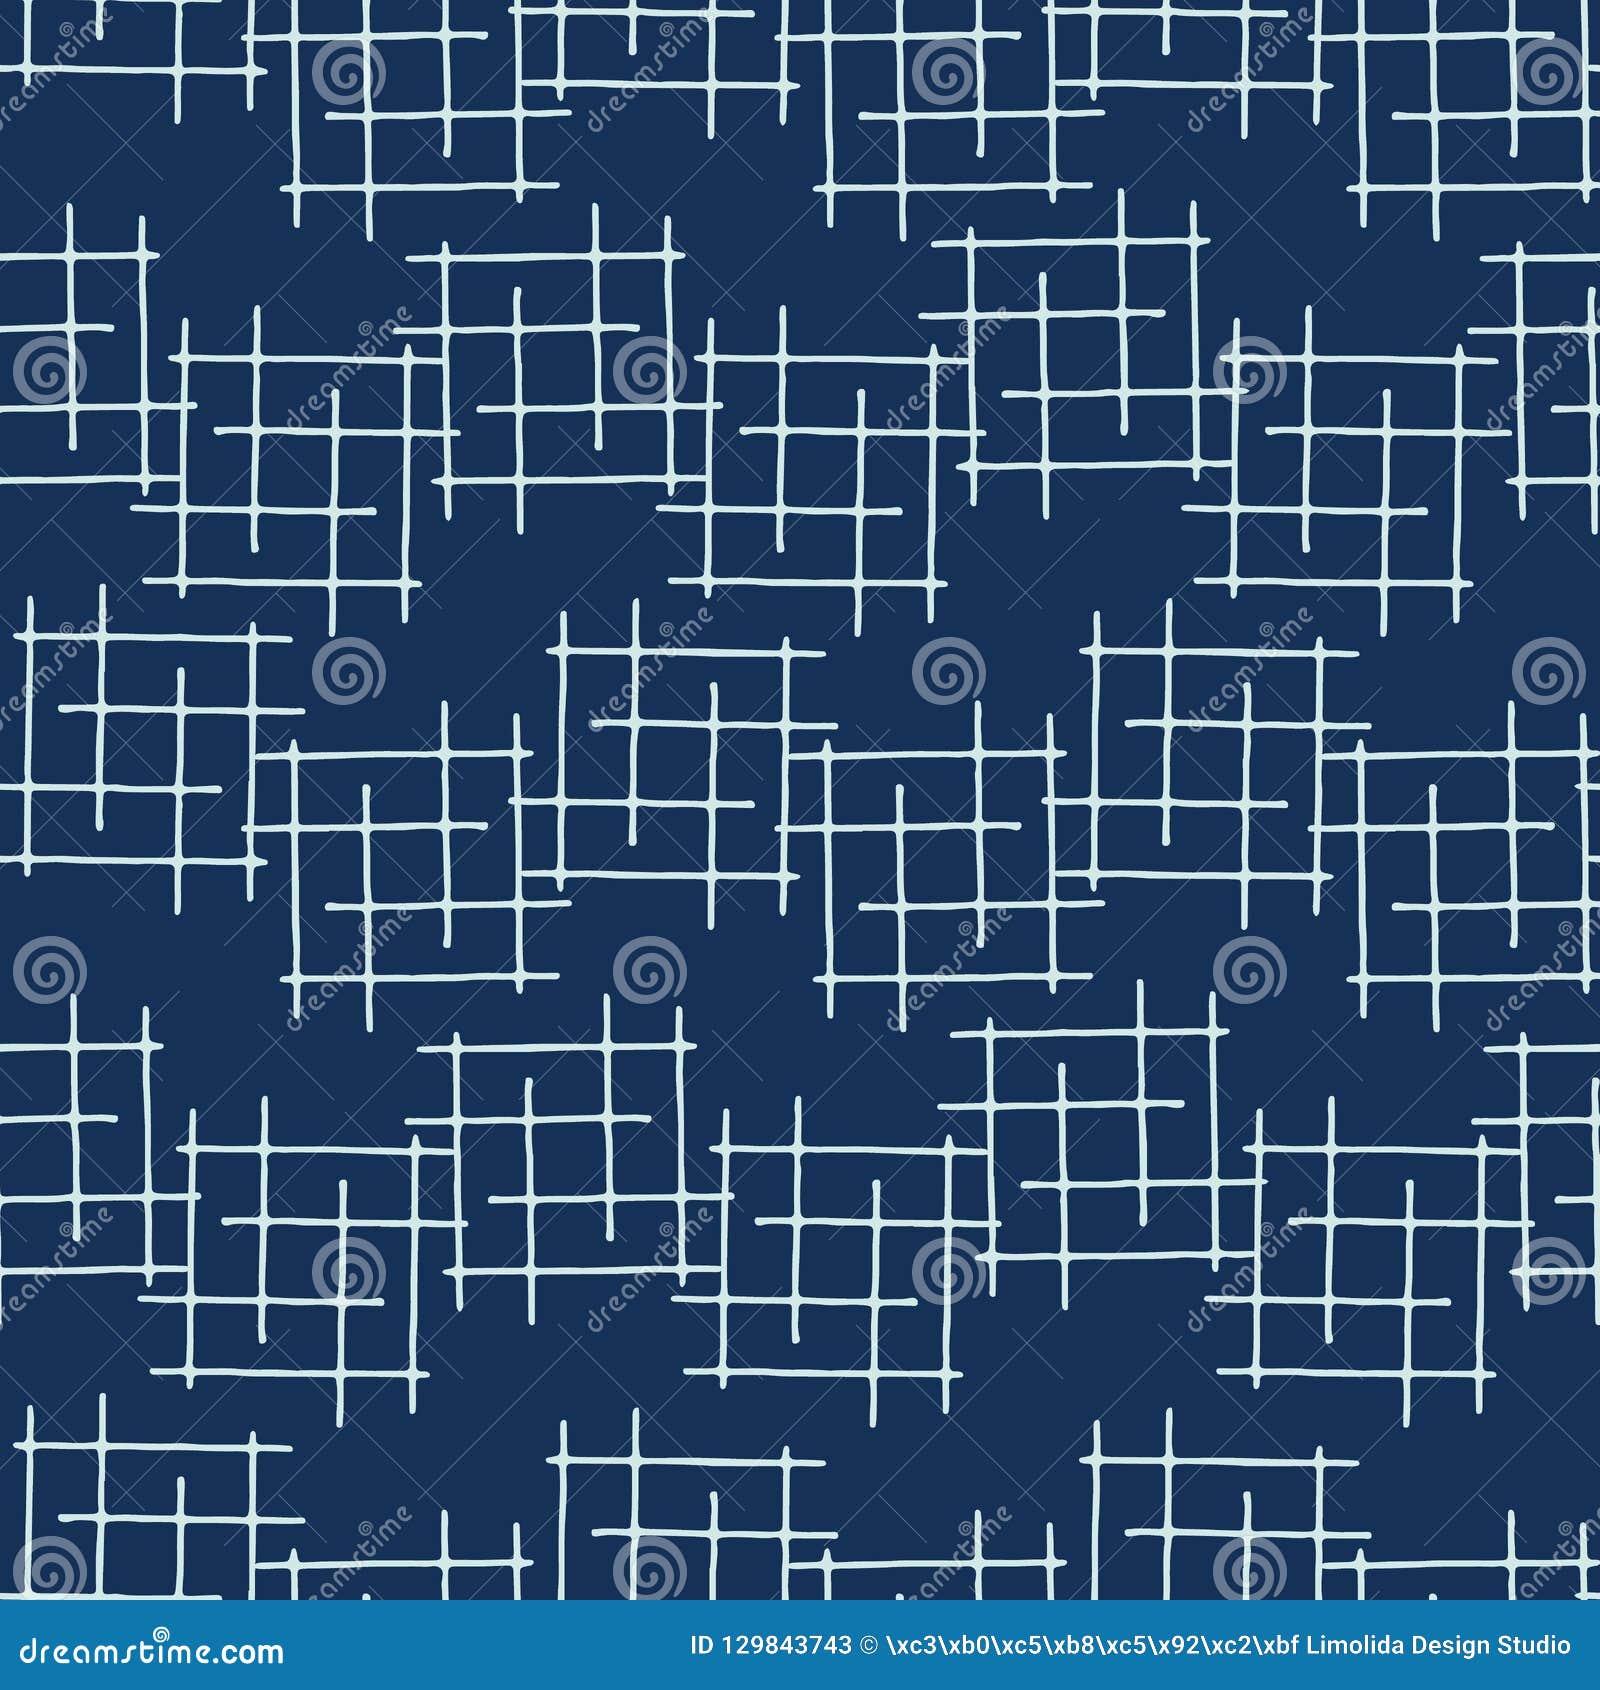 Indigoblå blå Criss Cross Lines Seamless Vector för japansk stil modell